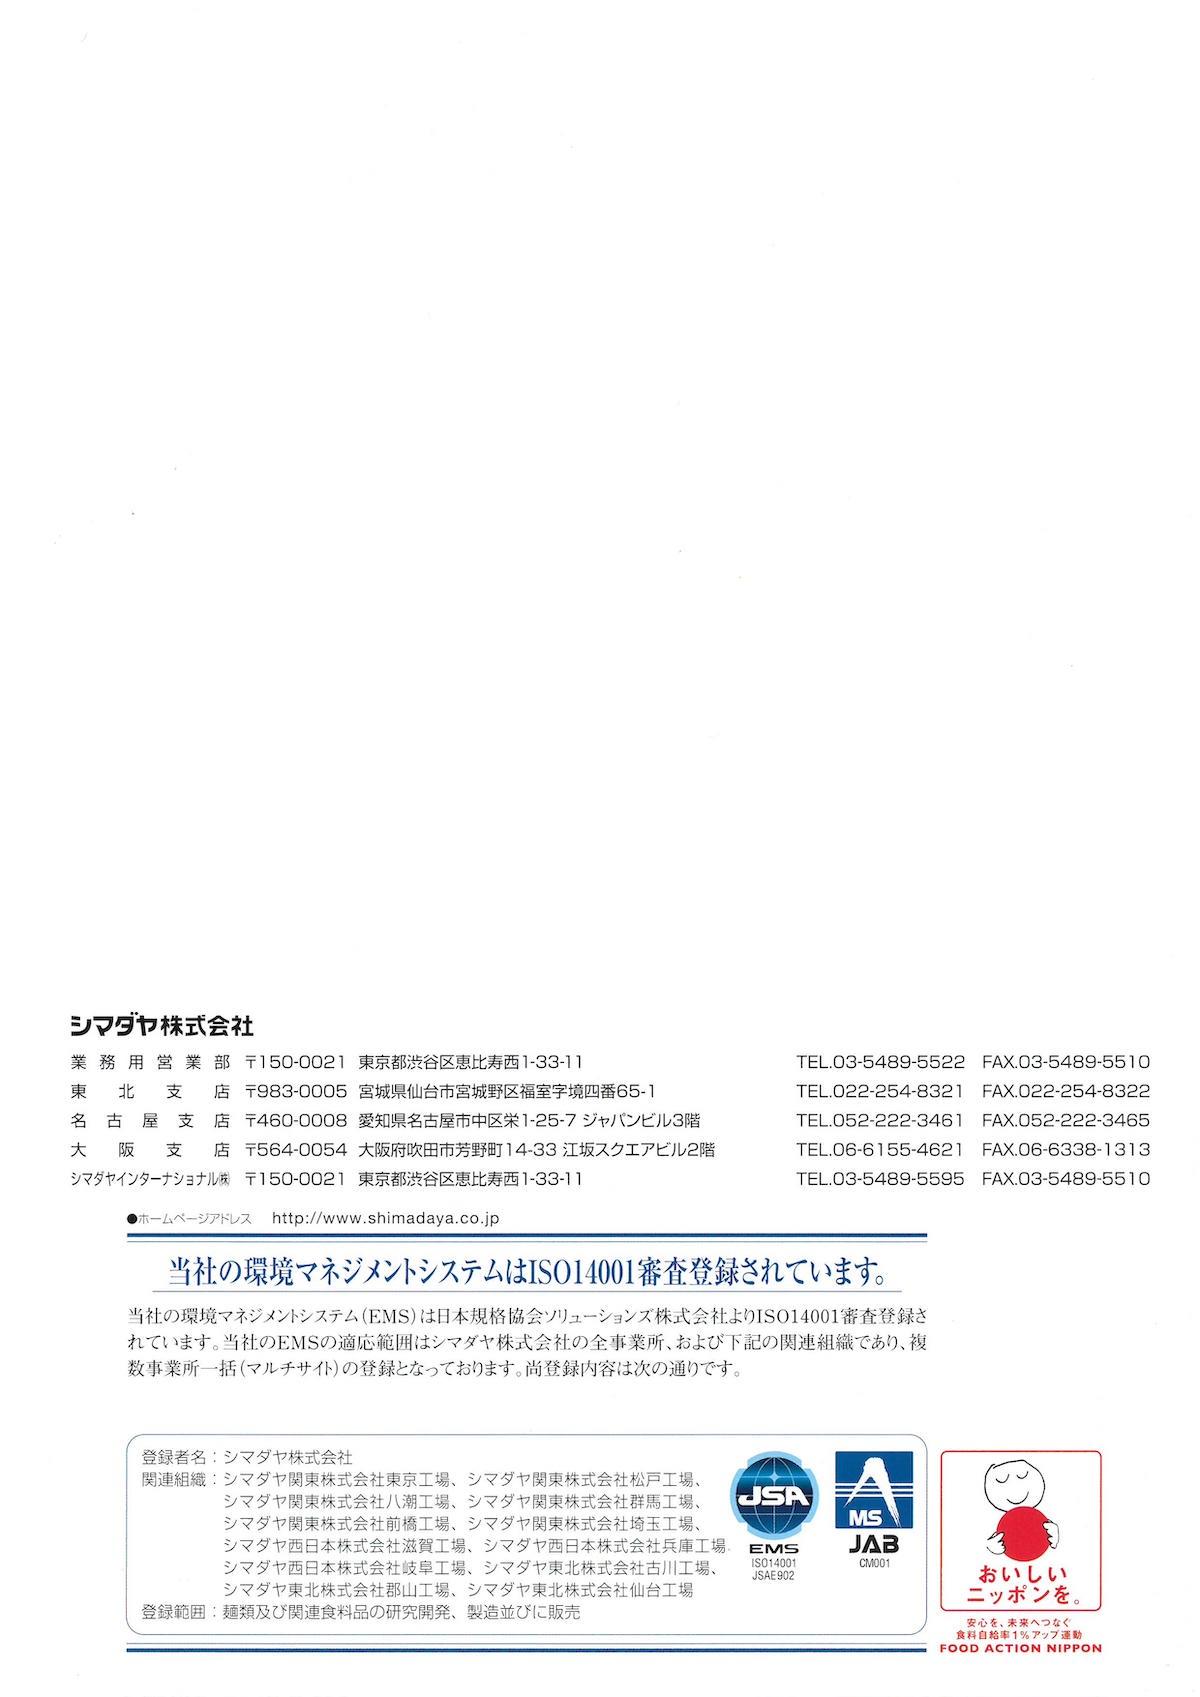 シマダヤ 業務用総合カタログ 2019